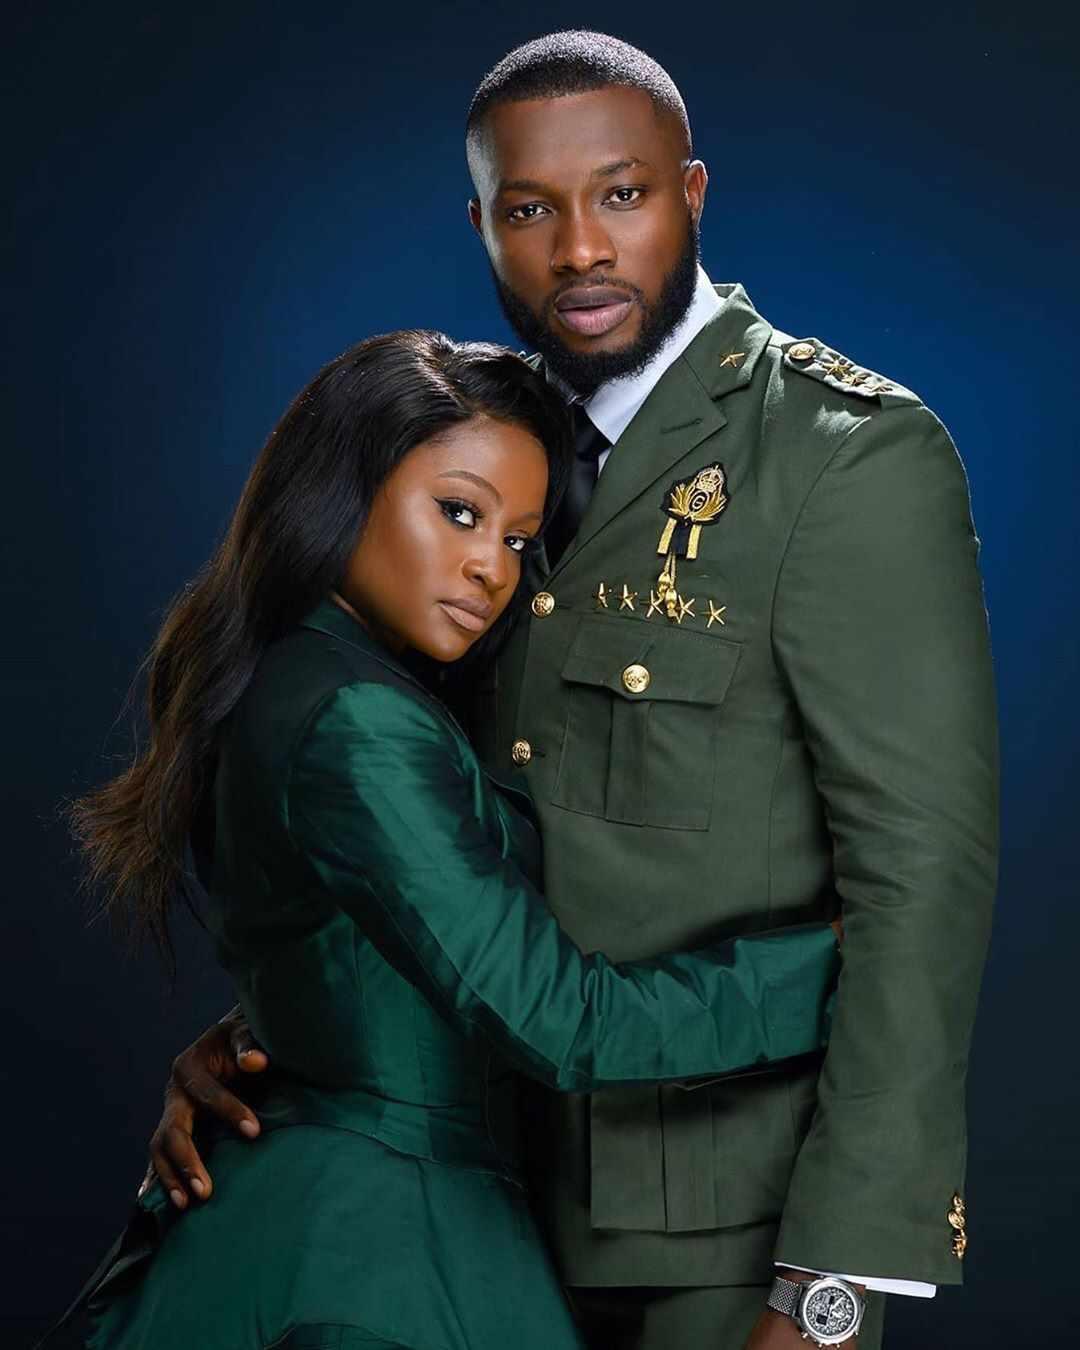 Emmanuel and Anita rumor